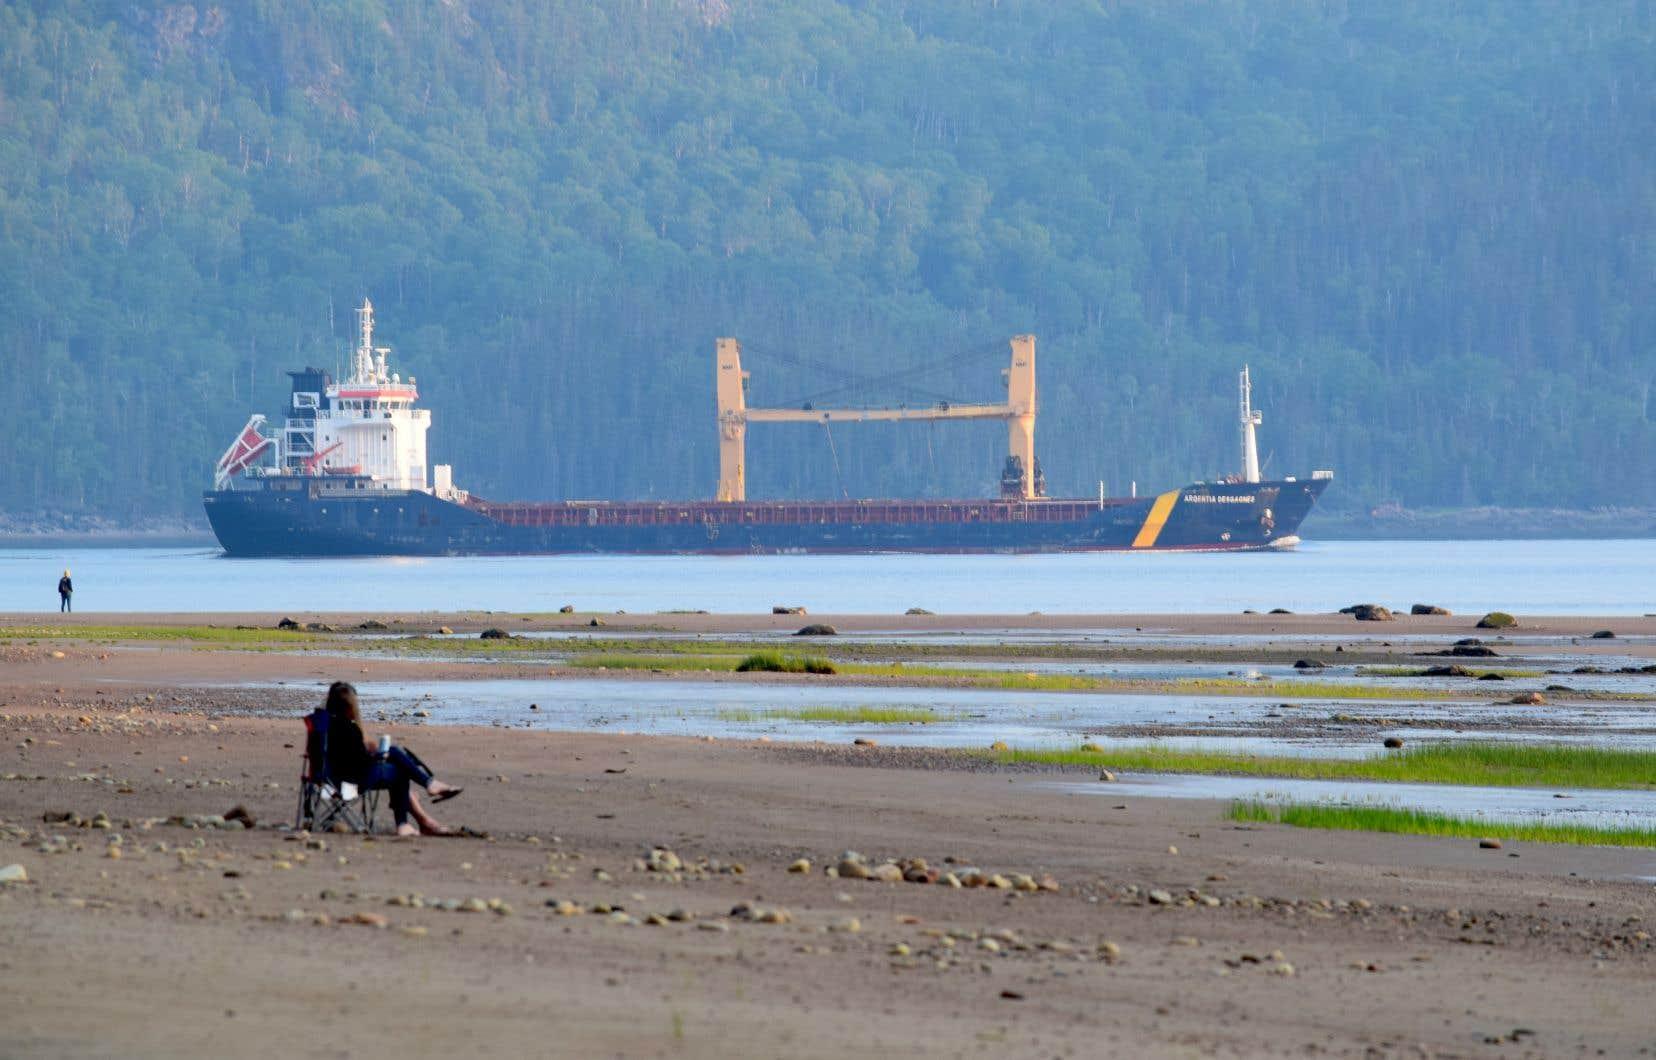 Le projet Énergie Saguenay entraînera une augmentation marquée du trafic maritime dans le parc marin du Saguenay-Saint-Laurent.